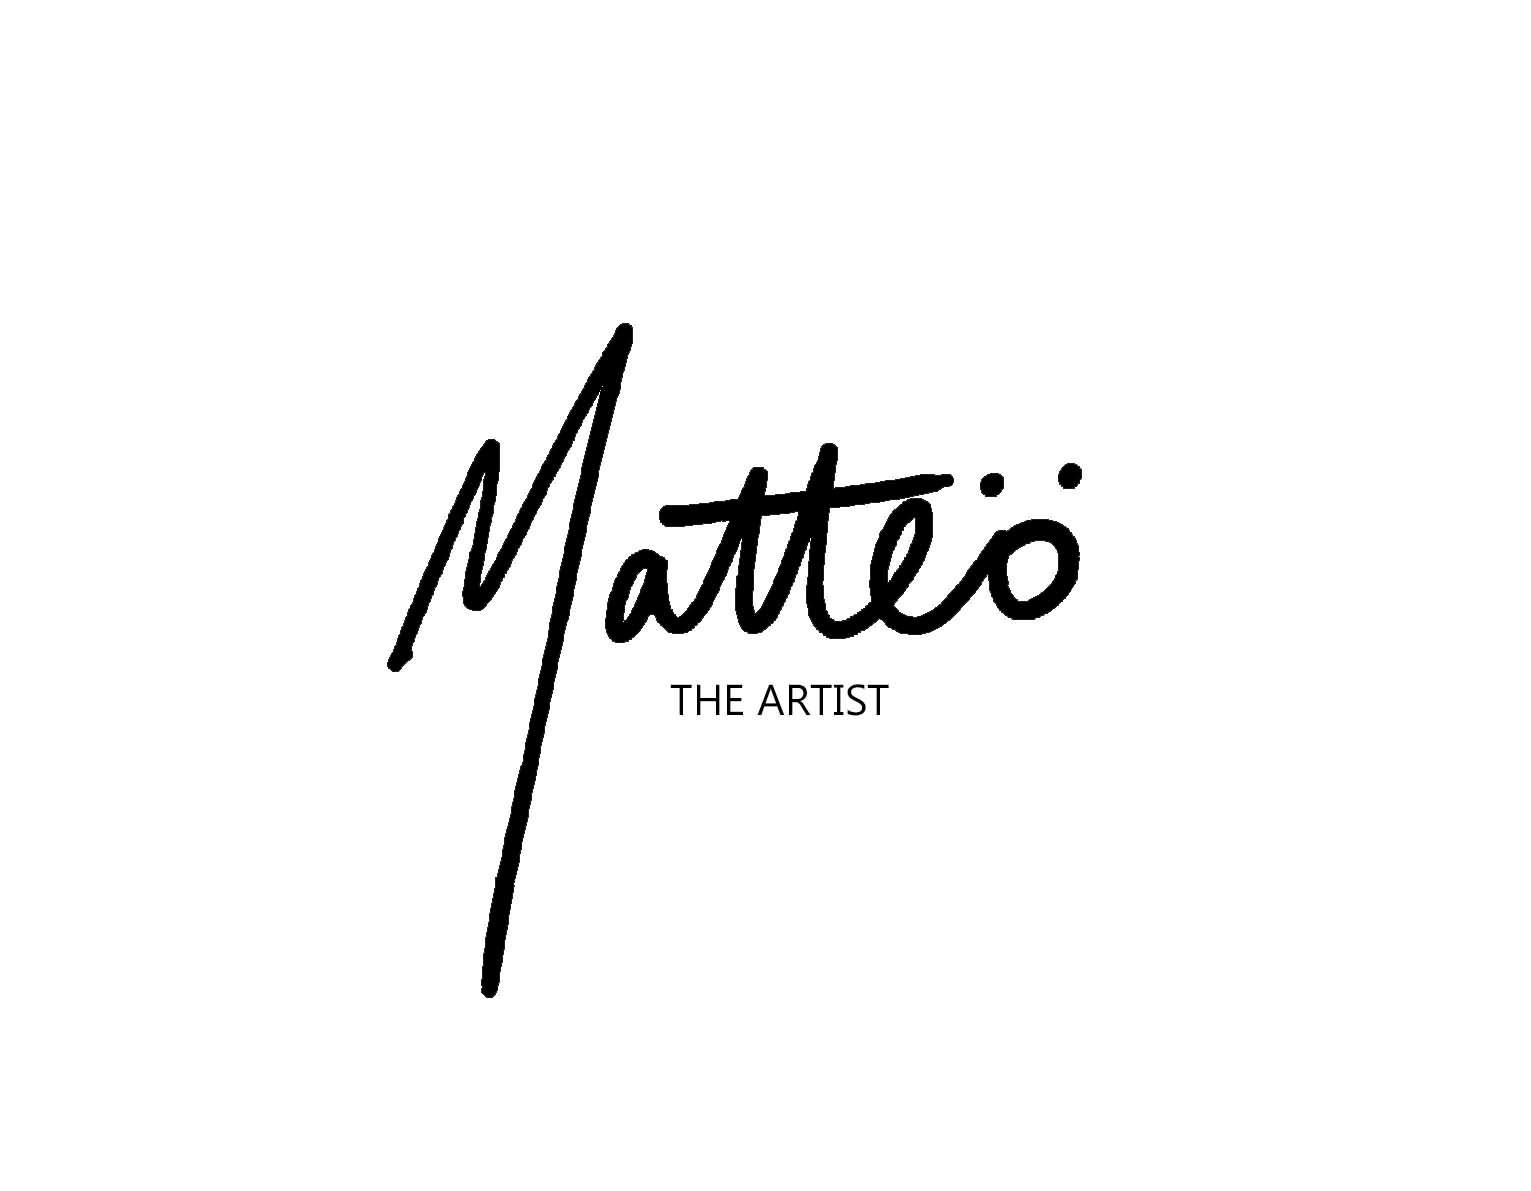 Matteo The Artist